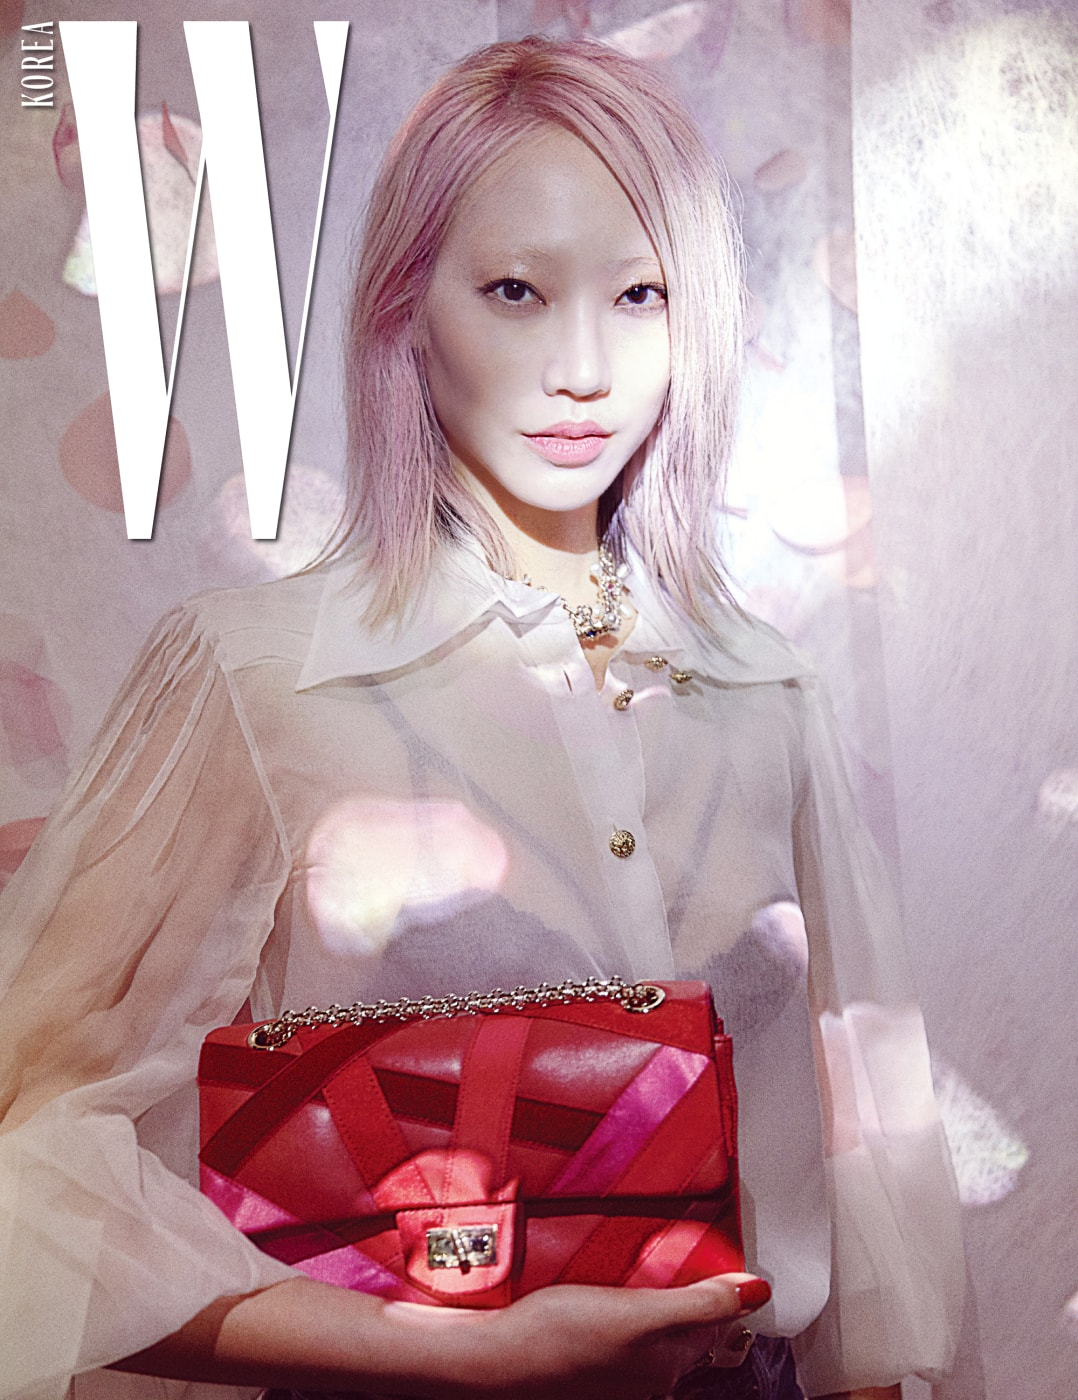 로맨틱한 장미꽃이 떨어지는 듯한 분홍빛 작품 앞에서 포착한 수주.